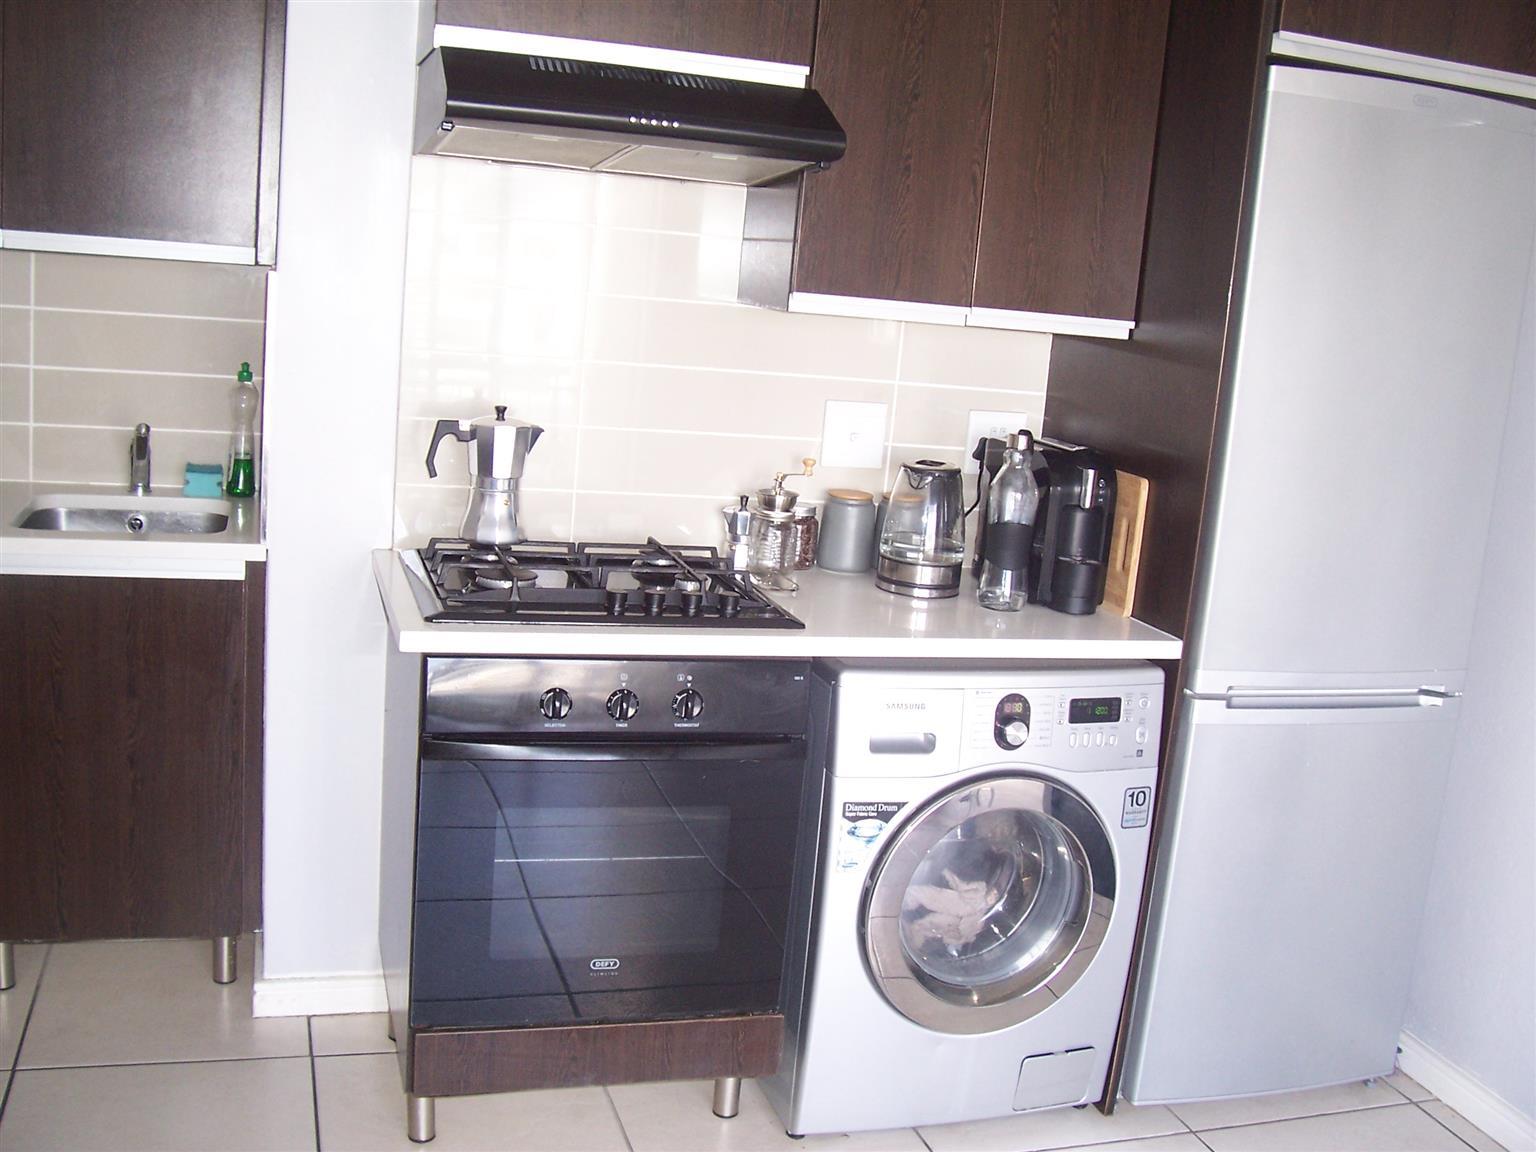 1 Bedroom Apartment/ Flat for Sale in De Velde Somerset West